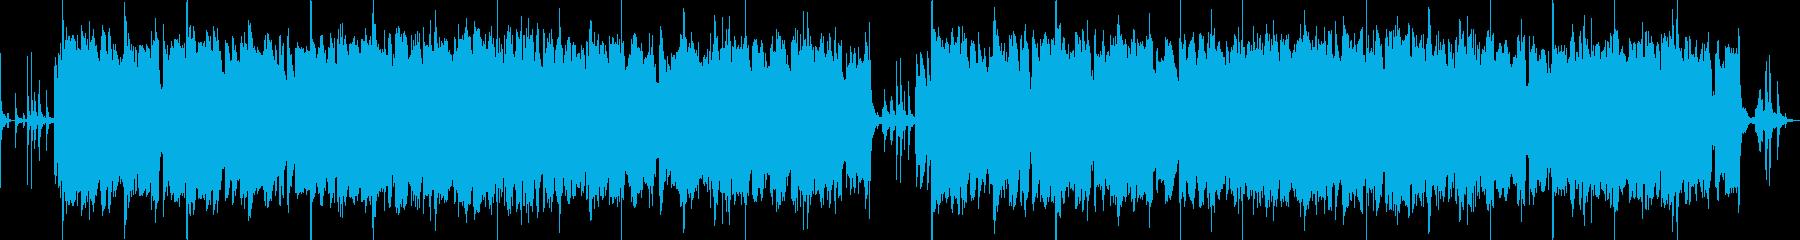 軽快かつ温かいートーク番組等のテーマ曲にの再生済みの波形